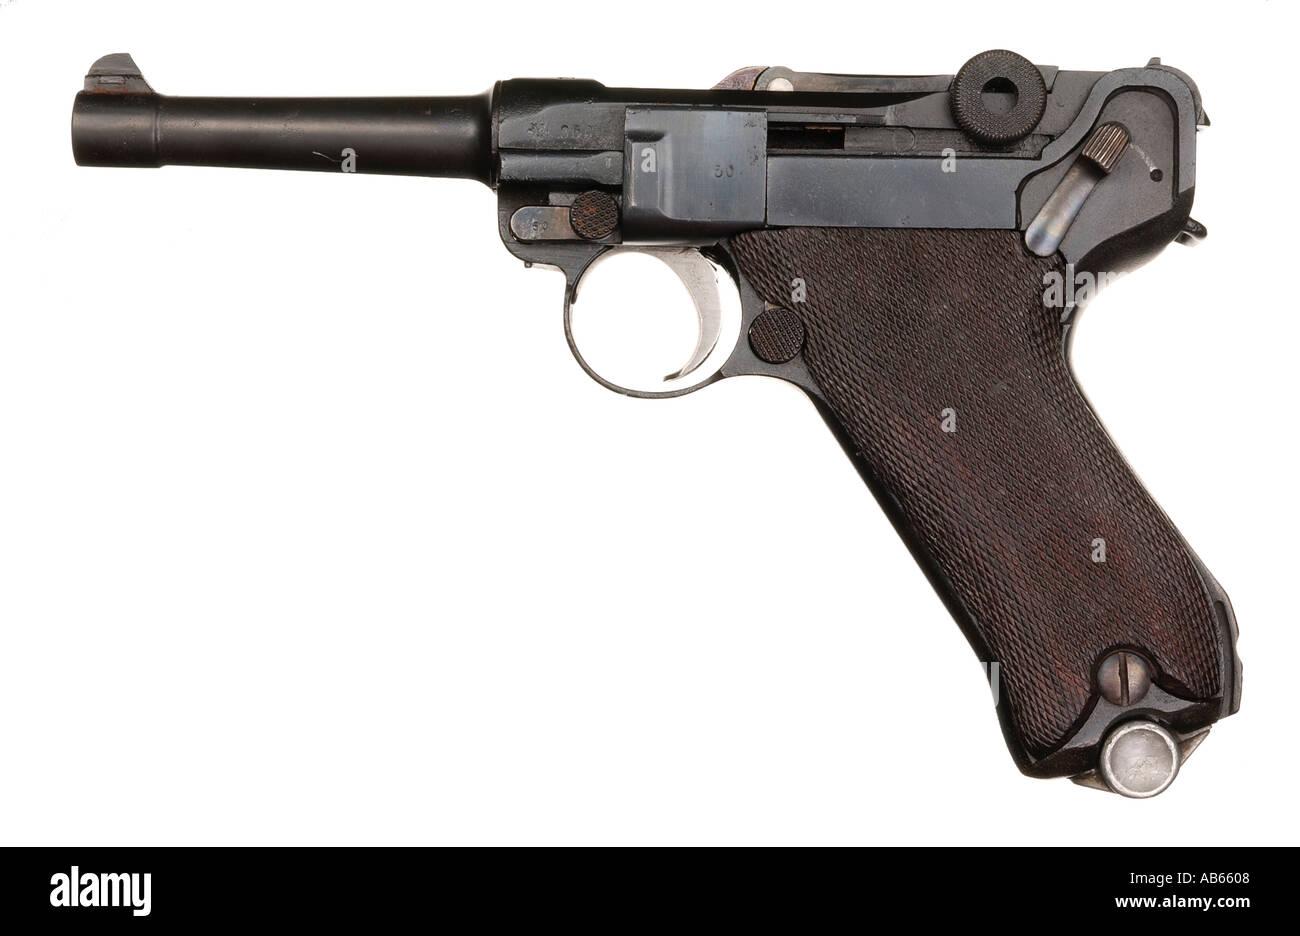 Luger pistol German gun Second World War - Stock Image